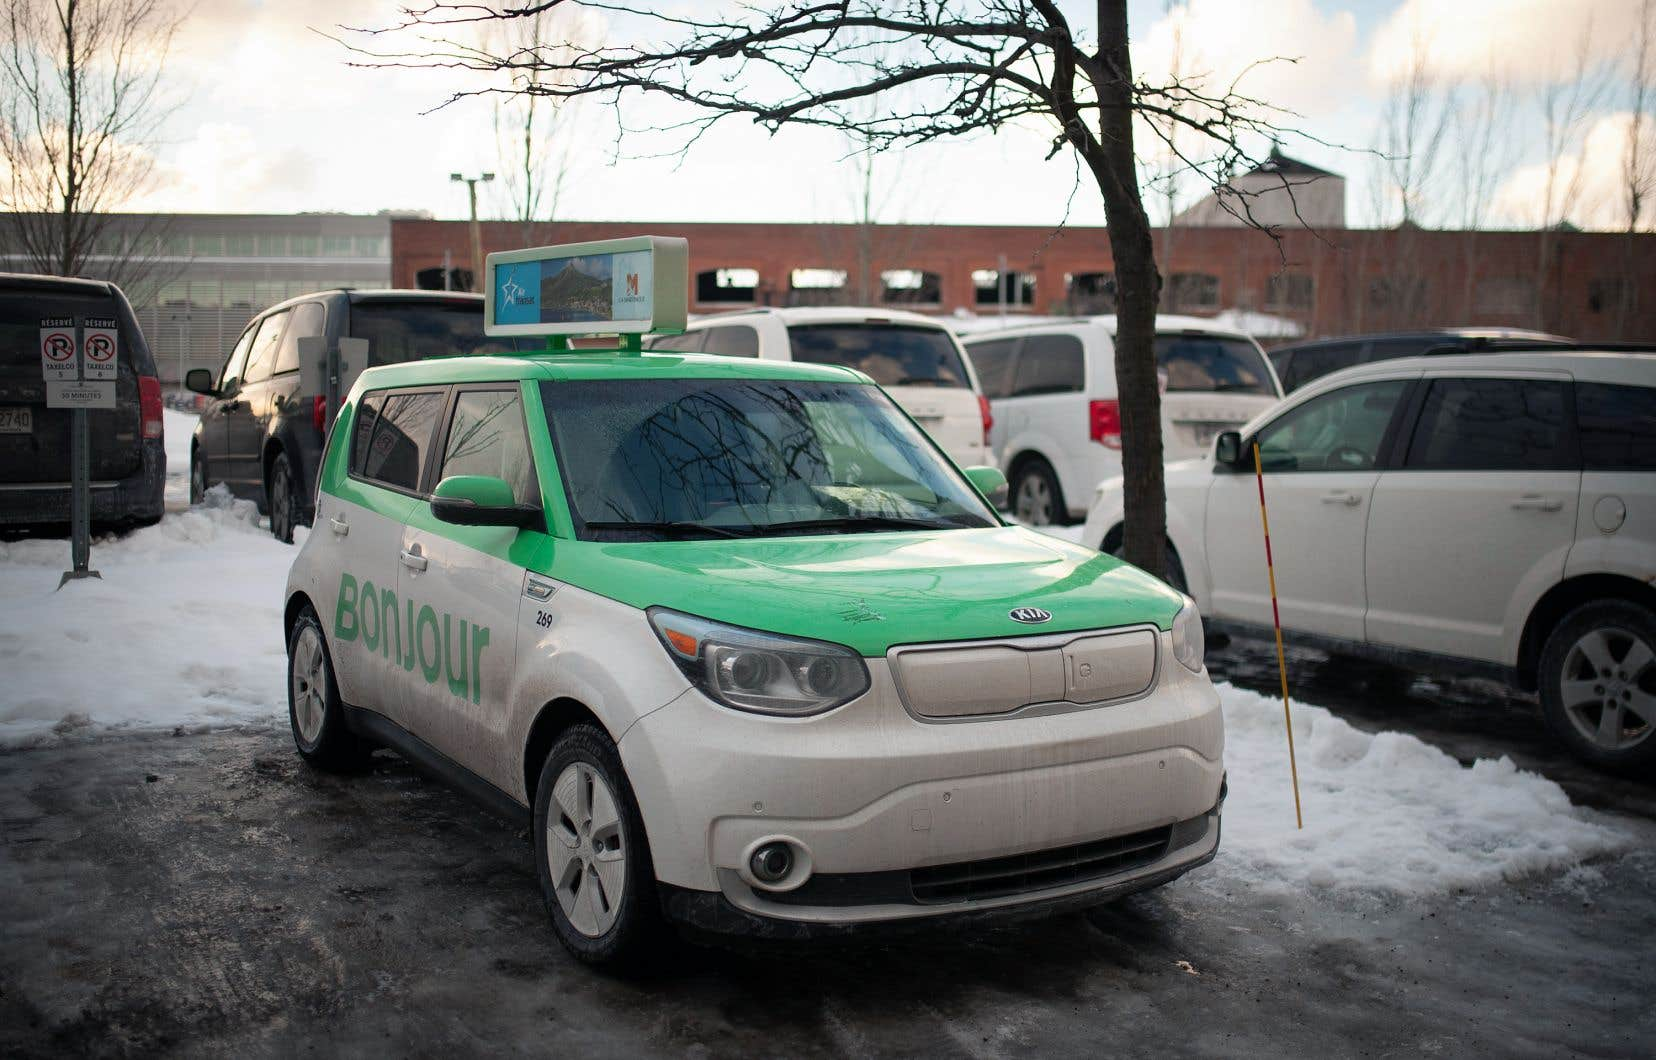 Reposant sur un modèle de chauffeurs salariés plut?t que des travailleurs autonomes, Téo compte présentement 195 permis de taxi.